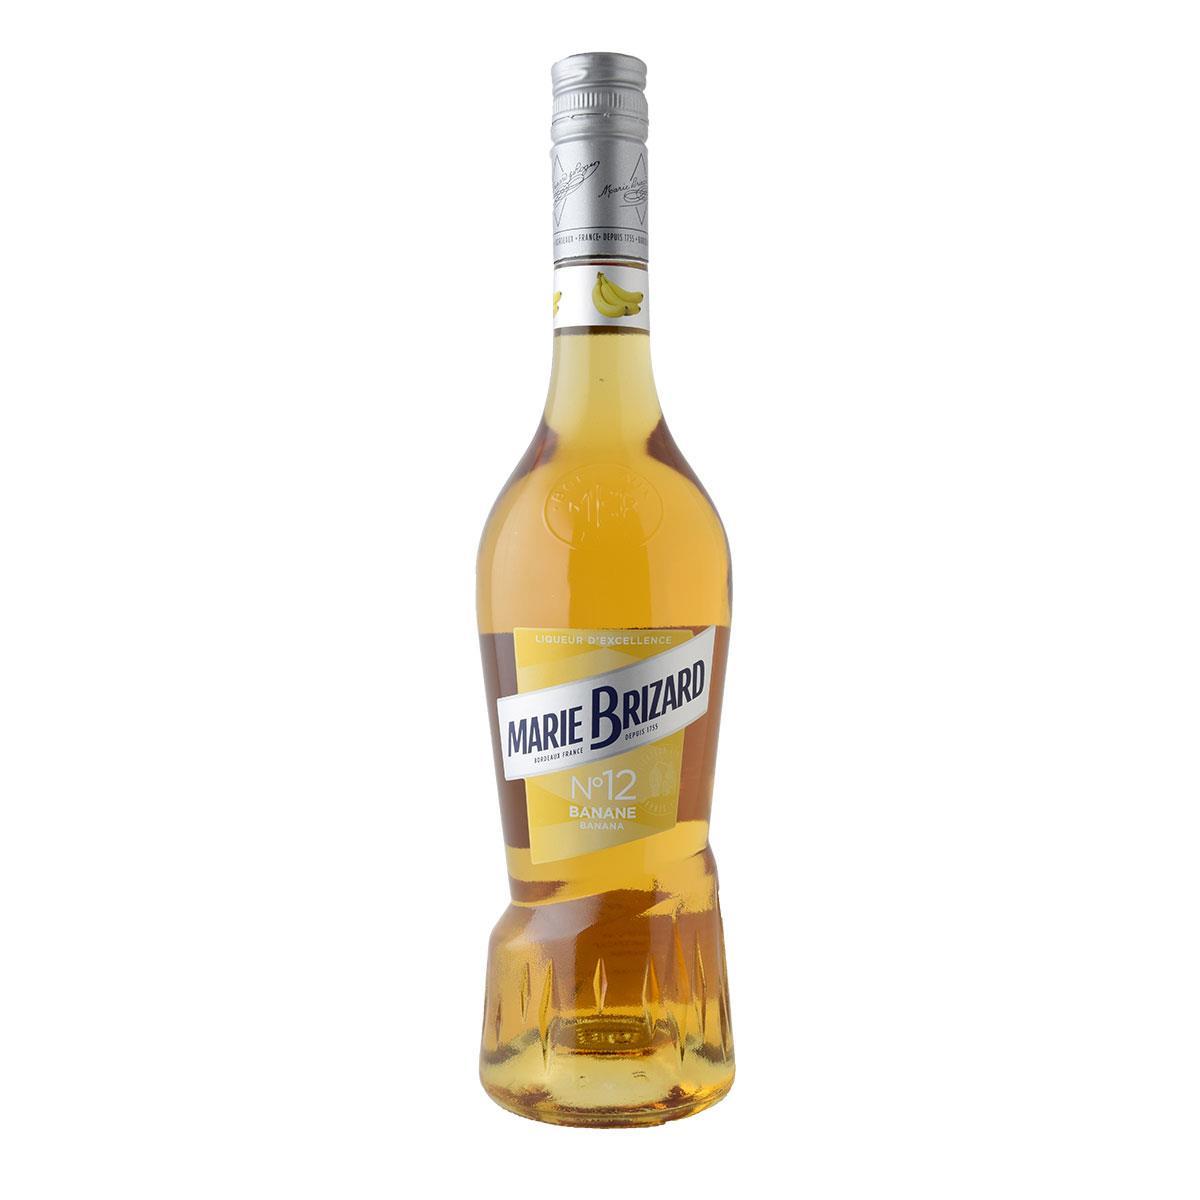 Marie Brizard Banana Liqueur 700ml